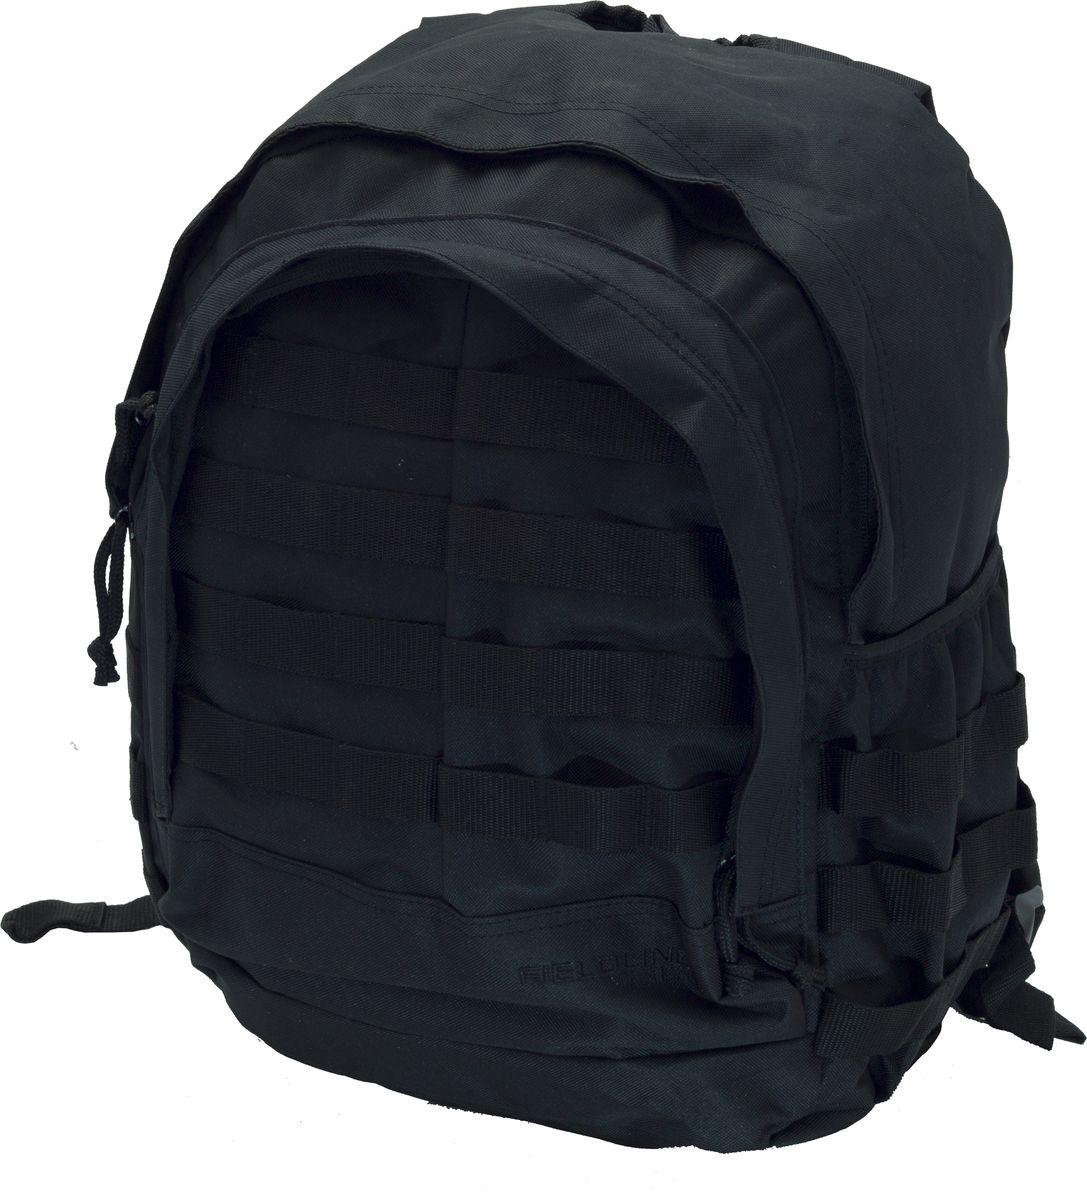 """Рюкзак для охоты Fieldline Patrol Day Pack, цвет: черный20968600319Рюкзак Patrol Day Pack 49,5 cm x 27,5 cm x 18,5 cm TPB007Размеры: 49,5 cm x 27,5 cm x 18,5 cm Рюкзак для охоты выполненный из прочной, малошуршащей ткани Центральный отсек на молнии с возможностью открытия на ? длины Профилированная спинка для комфортного ношения Боковой карман для питьевой бутылки Фронтальный карман с 3-секционным органайзером Бесшумные пулеры на молнии """"Y образные плечевые ремни с центральной регулировочной поперечной утяжкойБоковые стороны рюкзака имеют стропы для крепления дополнительного снаряжения"""